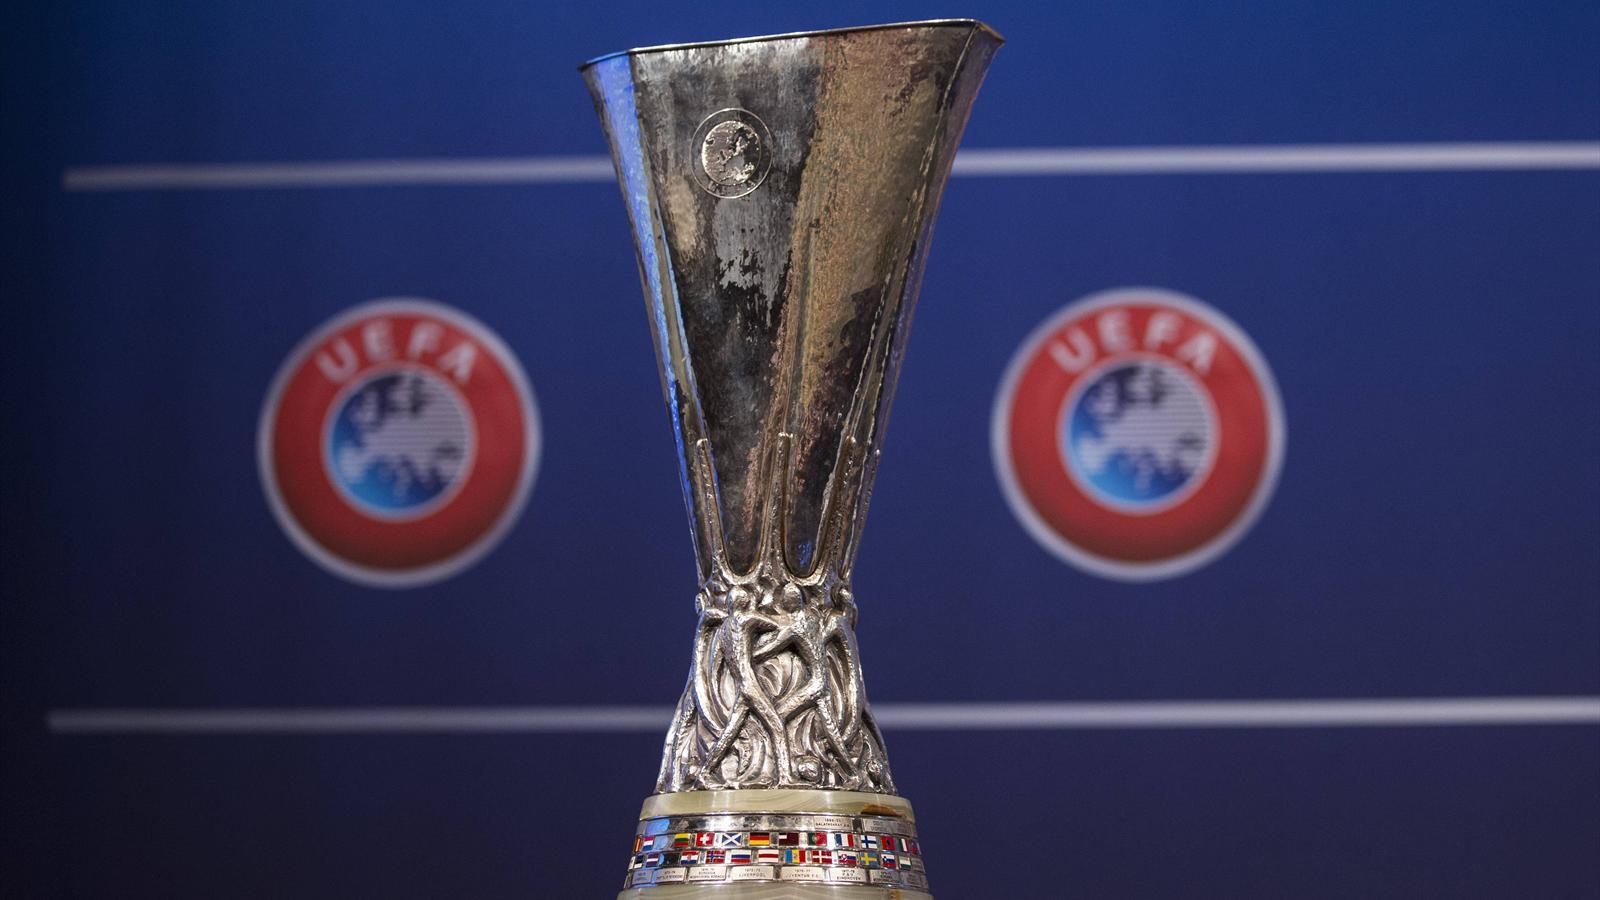 Фк Днепр в финале Лиги Европы